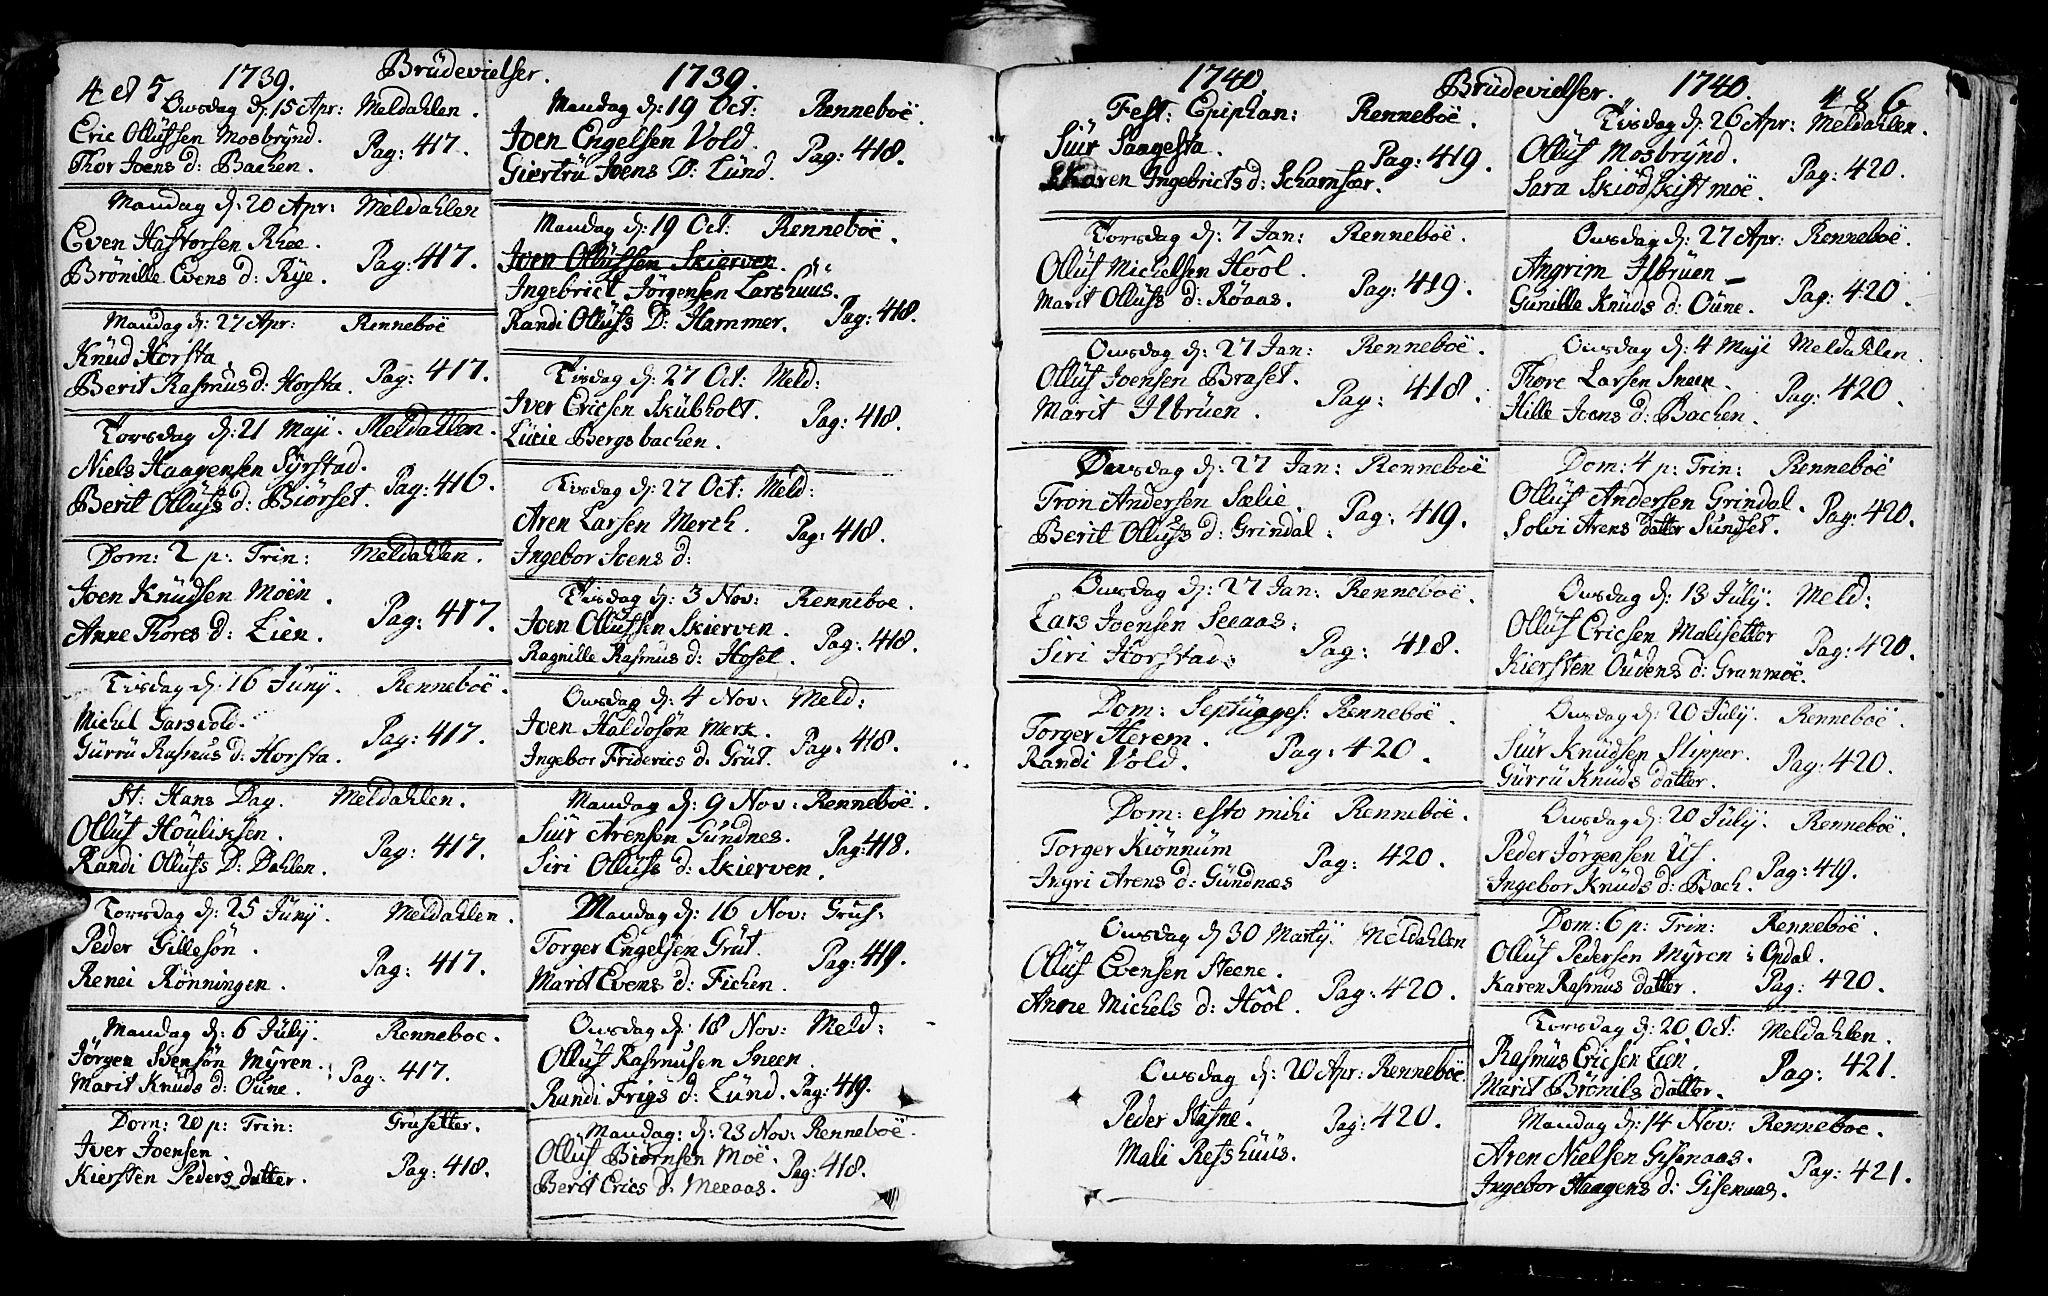 SAT, Ministerialprotokoller, klokkerbøker og fødselsregistre - Sør-Trøndelag, 672/L0850: Ministerialbok nr. 672A03, 1725-1751, s. 485-486